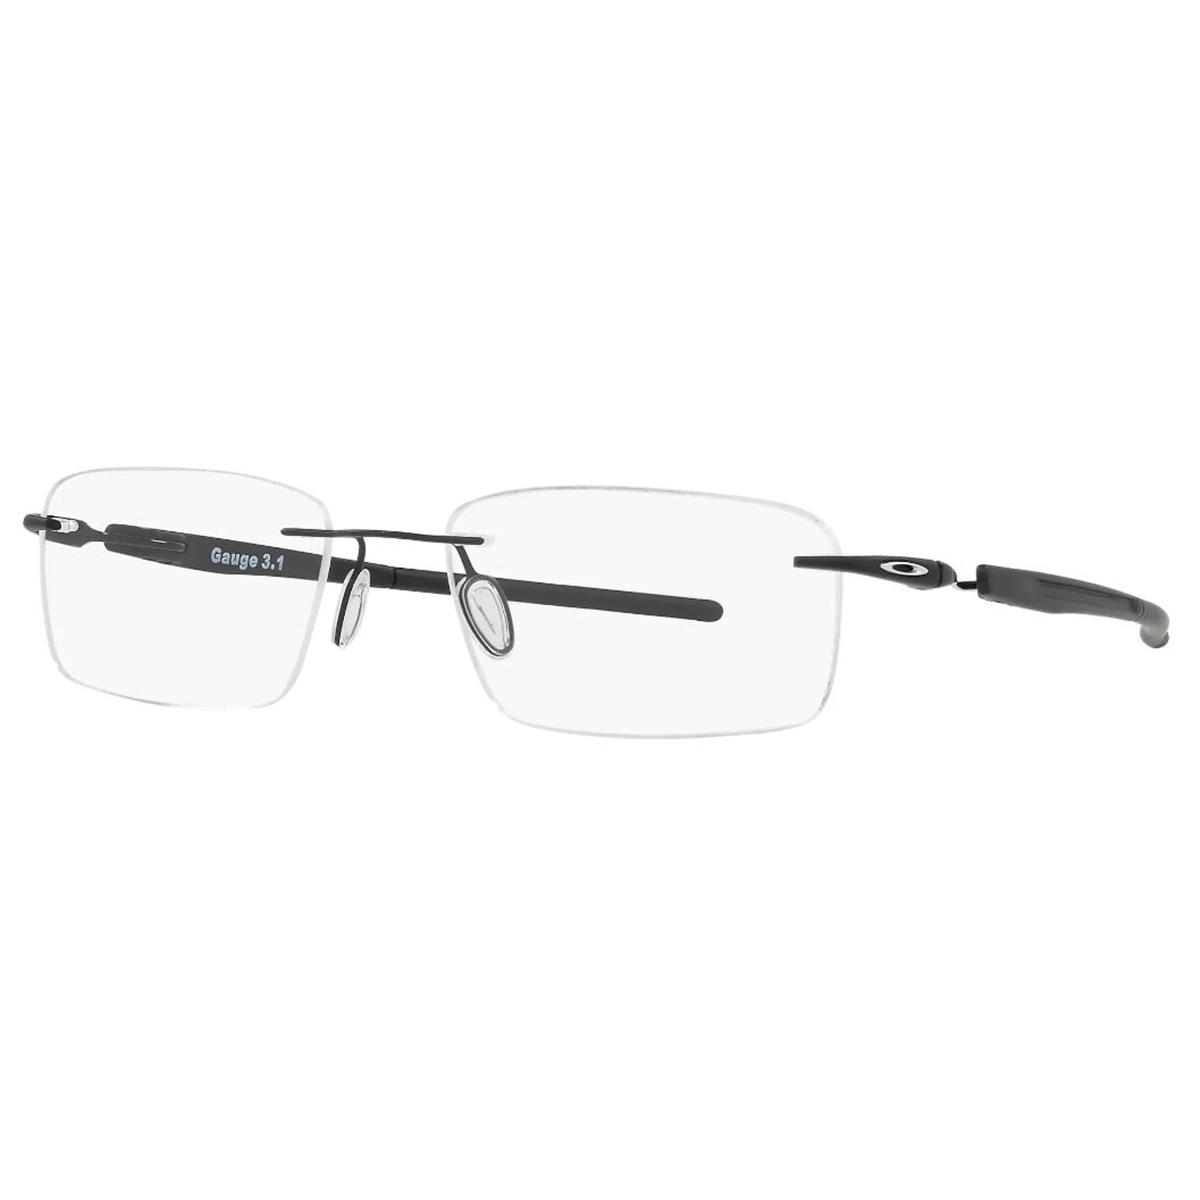 Óculos de Grau Oakley Parafusado Titânio Gauge 3.1 Preto Fosco